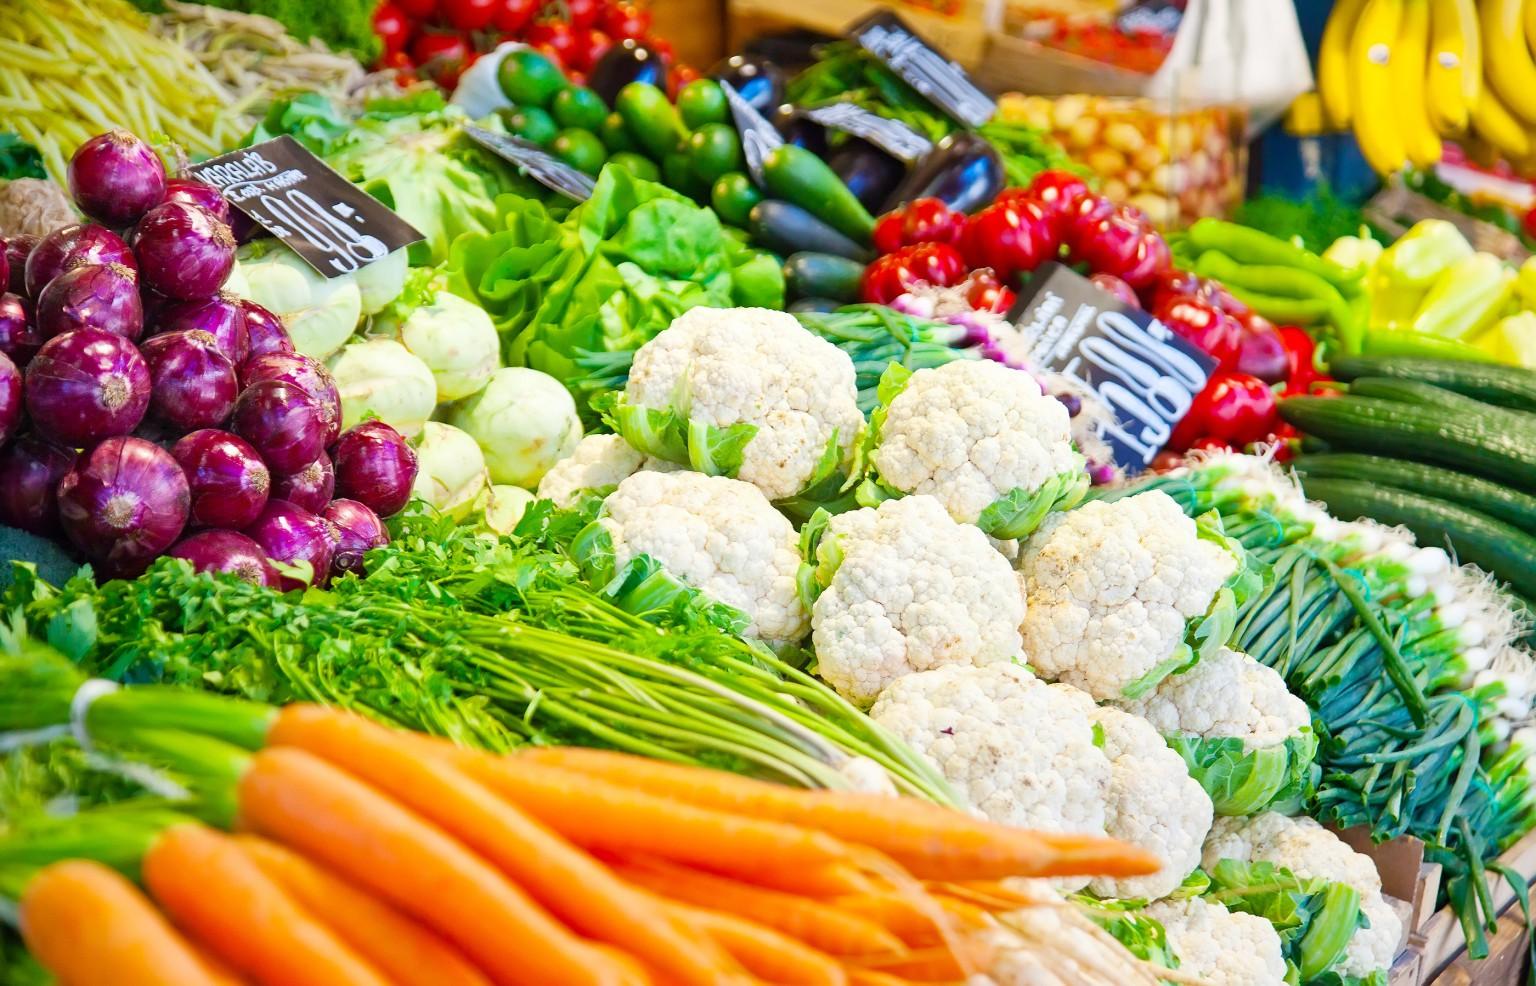 Nghiên cứu cho thấy: ăn ít trái cây và rau củ có thể dẫn đến hàng triệu cái chết mỗi năm - Ảnh 1.